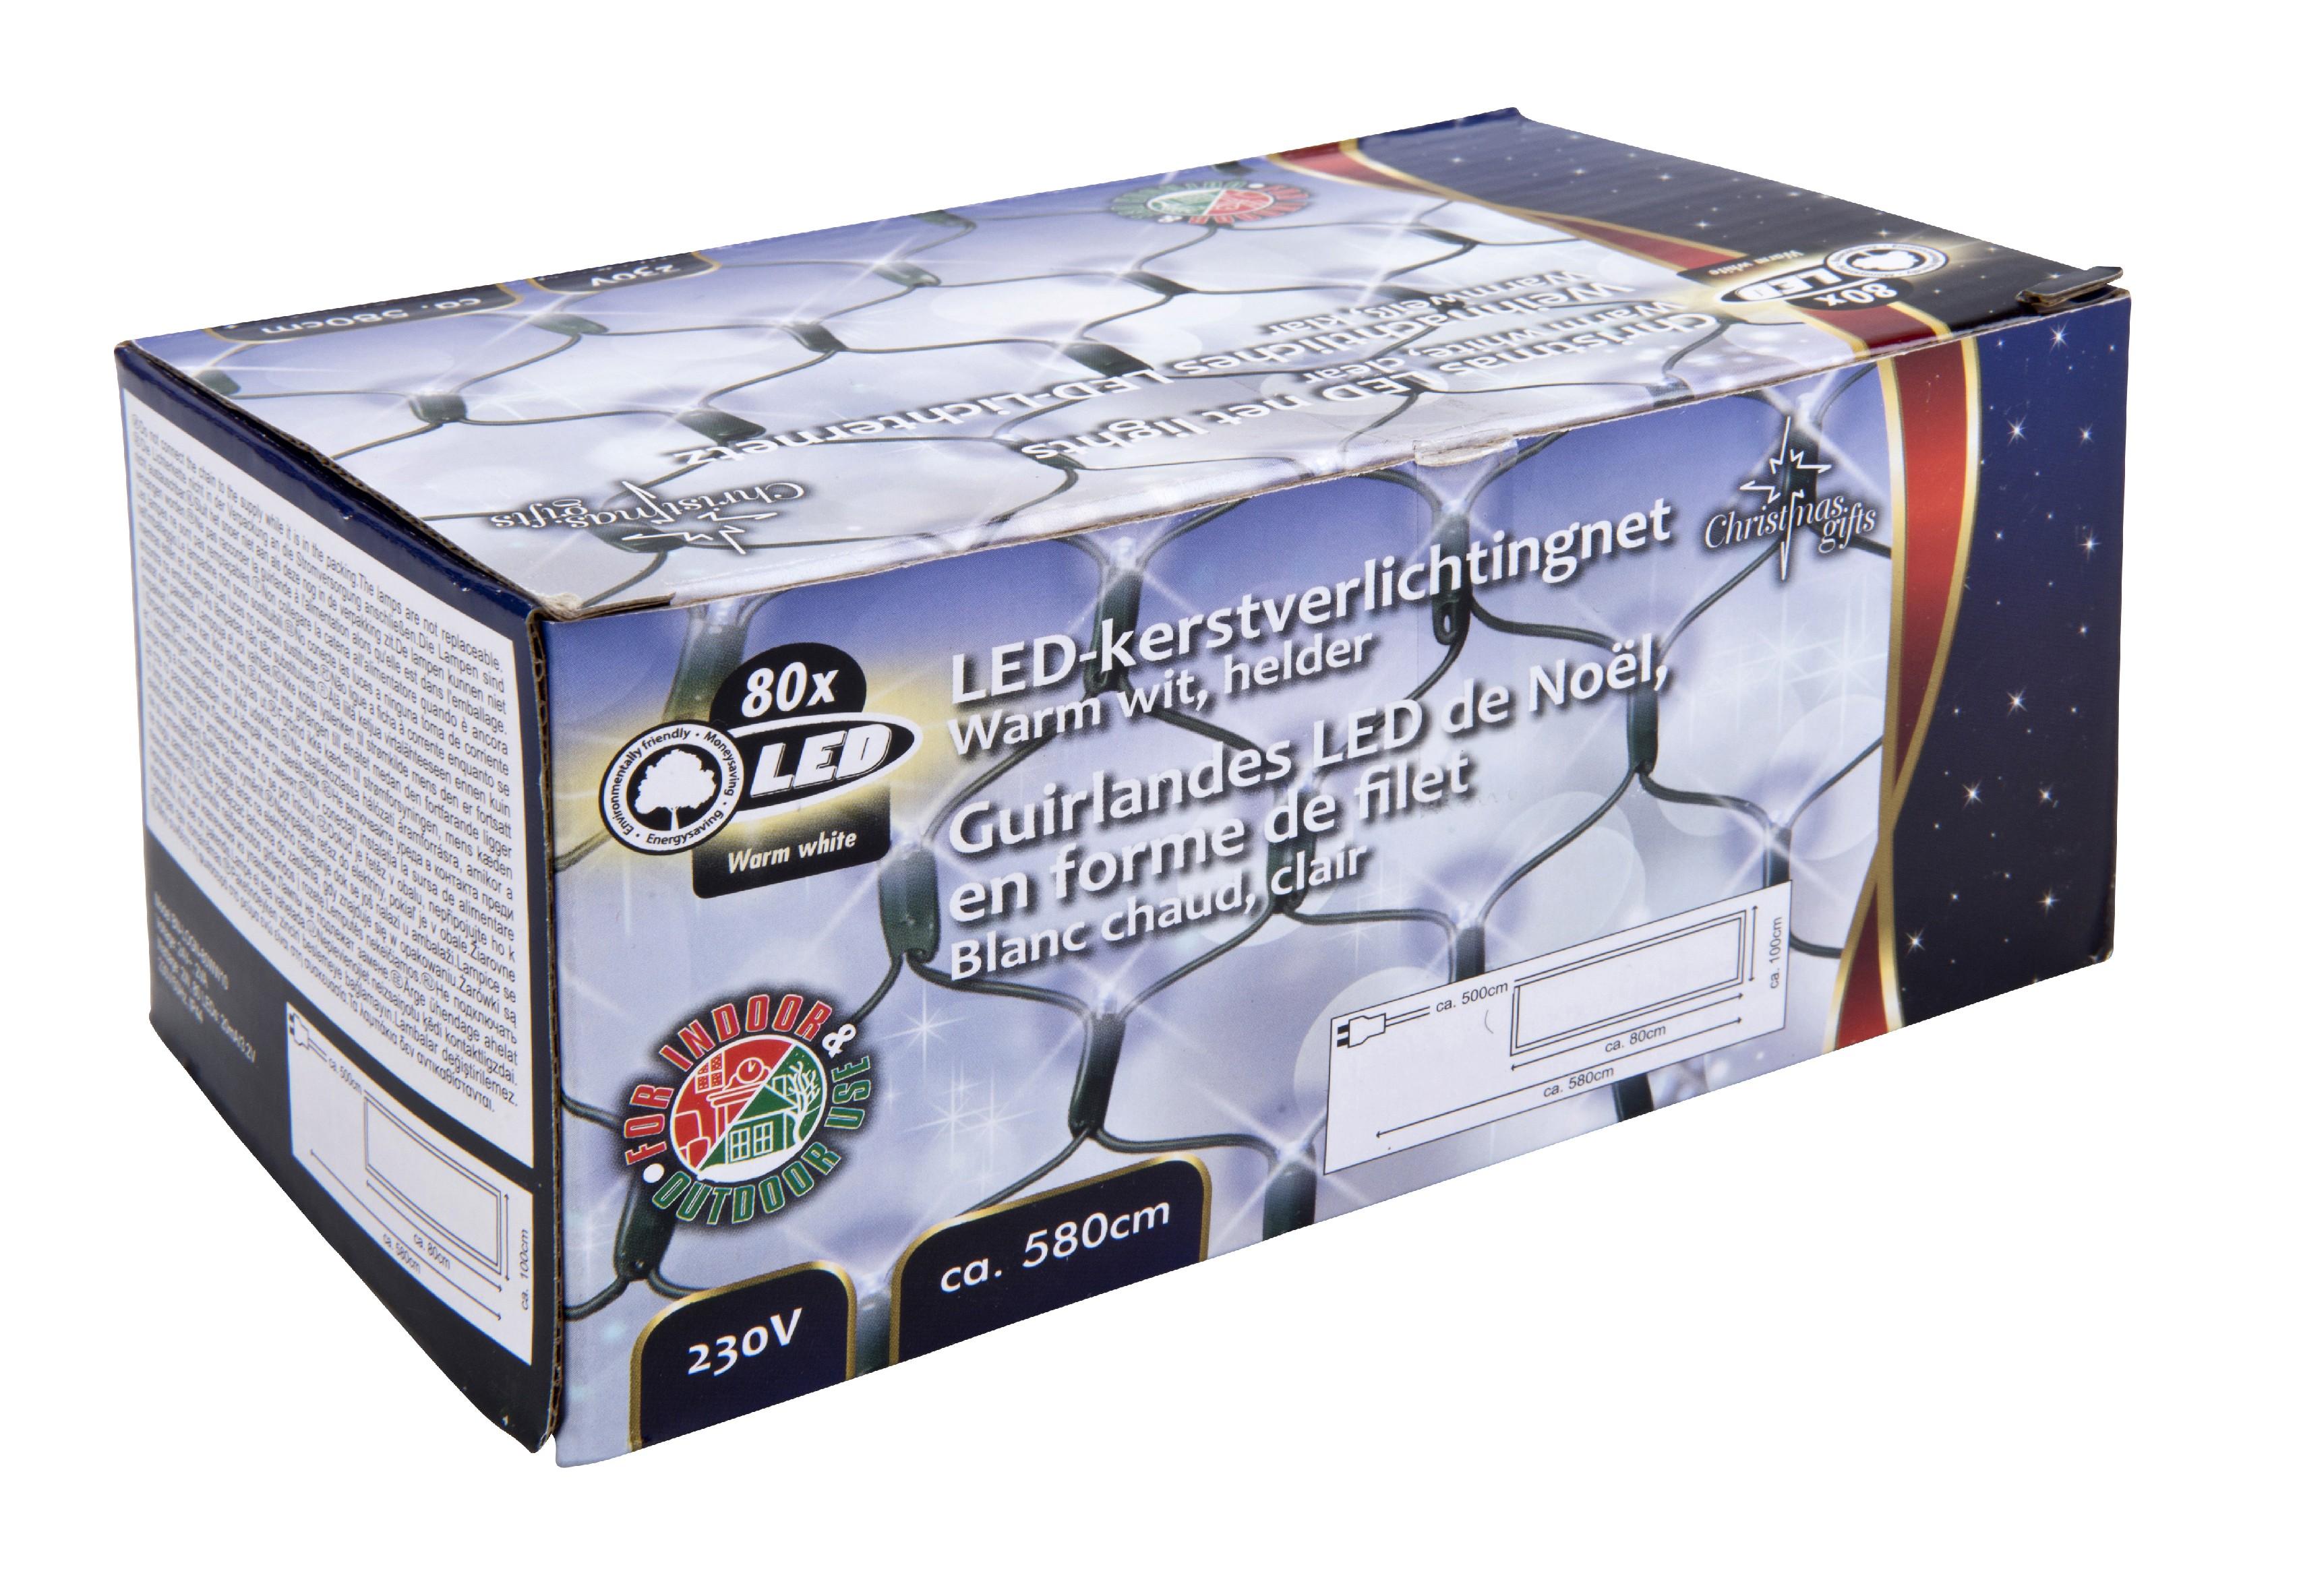 Vánoční světelná síť 80x LED bílá, vnitřní i venkovní použití, 230V, rozměr 1 x 0.8 m